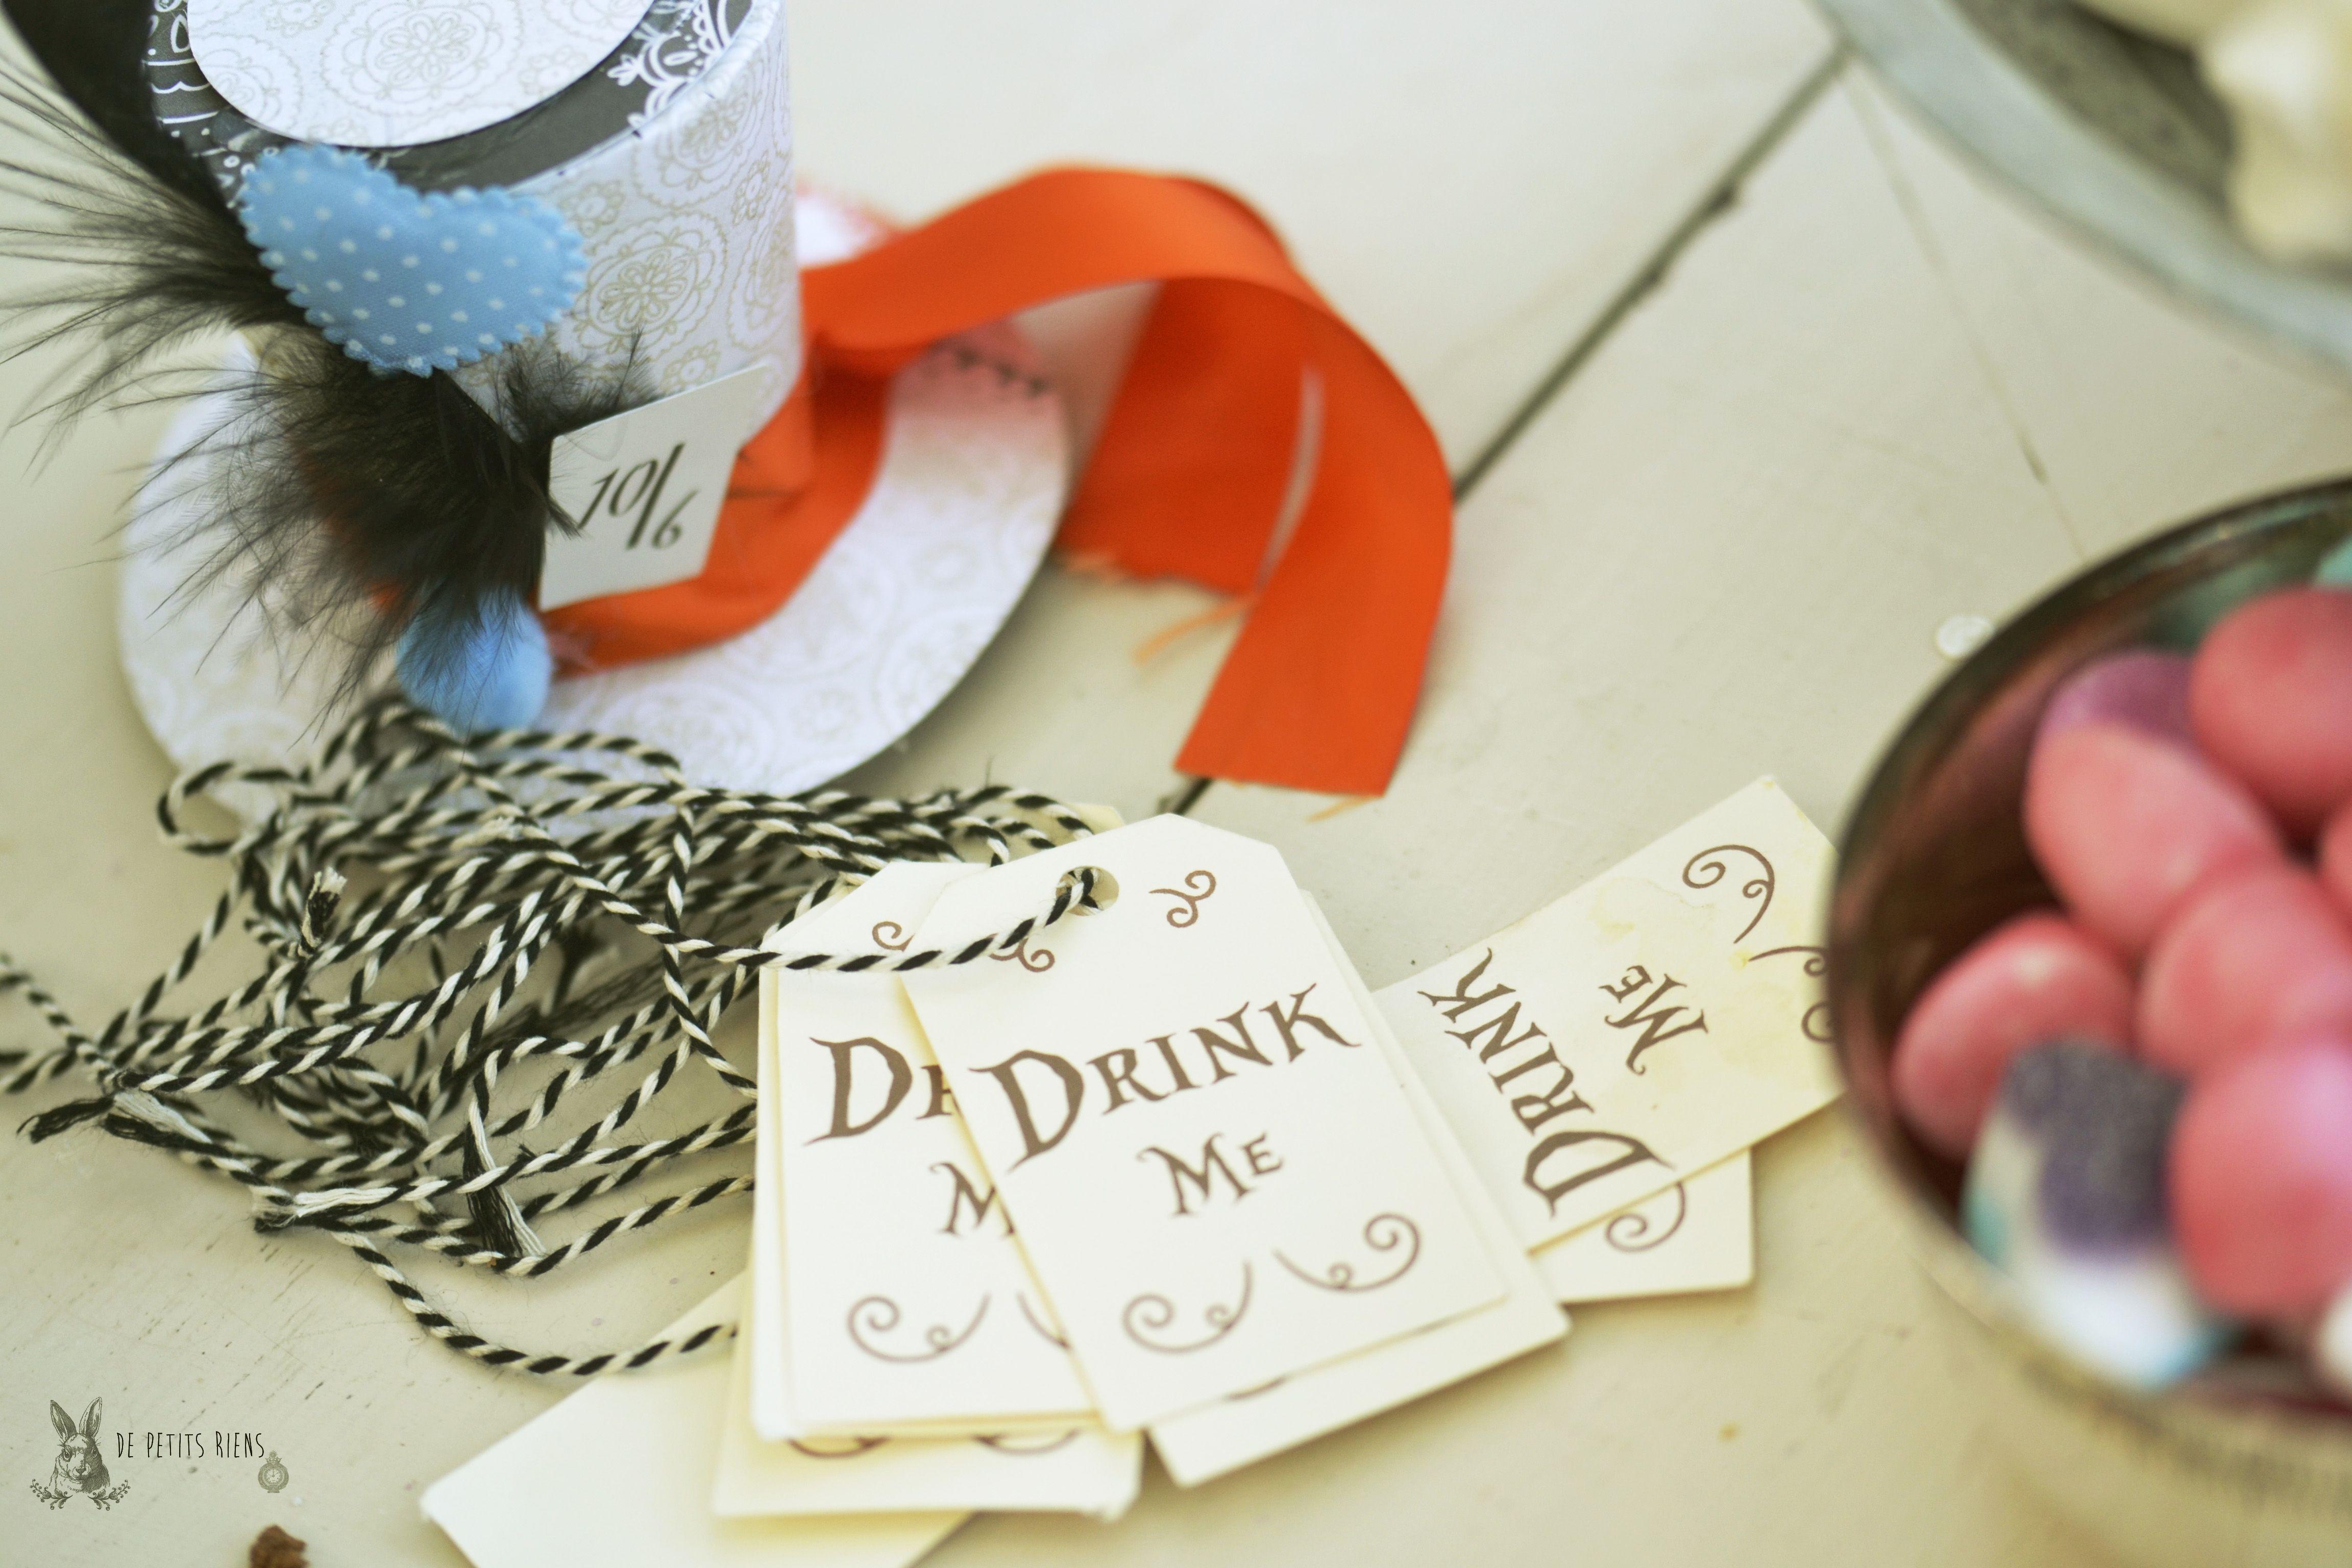 étiquettes, tag Alice in wonderland tea party http://www.alittlemarket.com/boutique/de-petitsriens